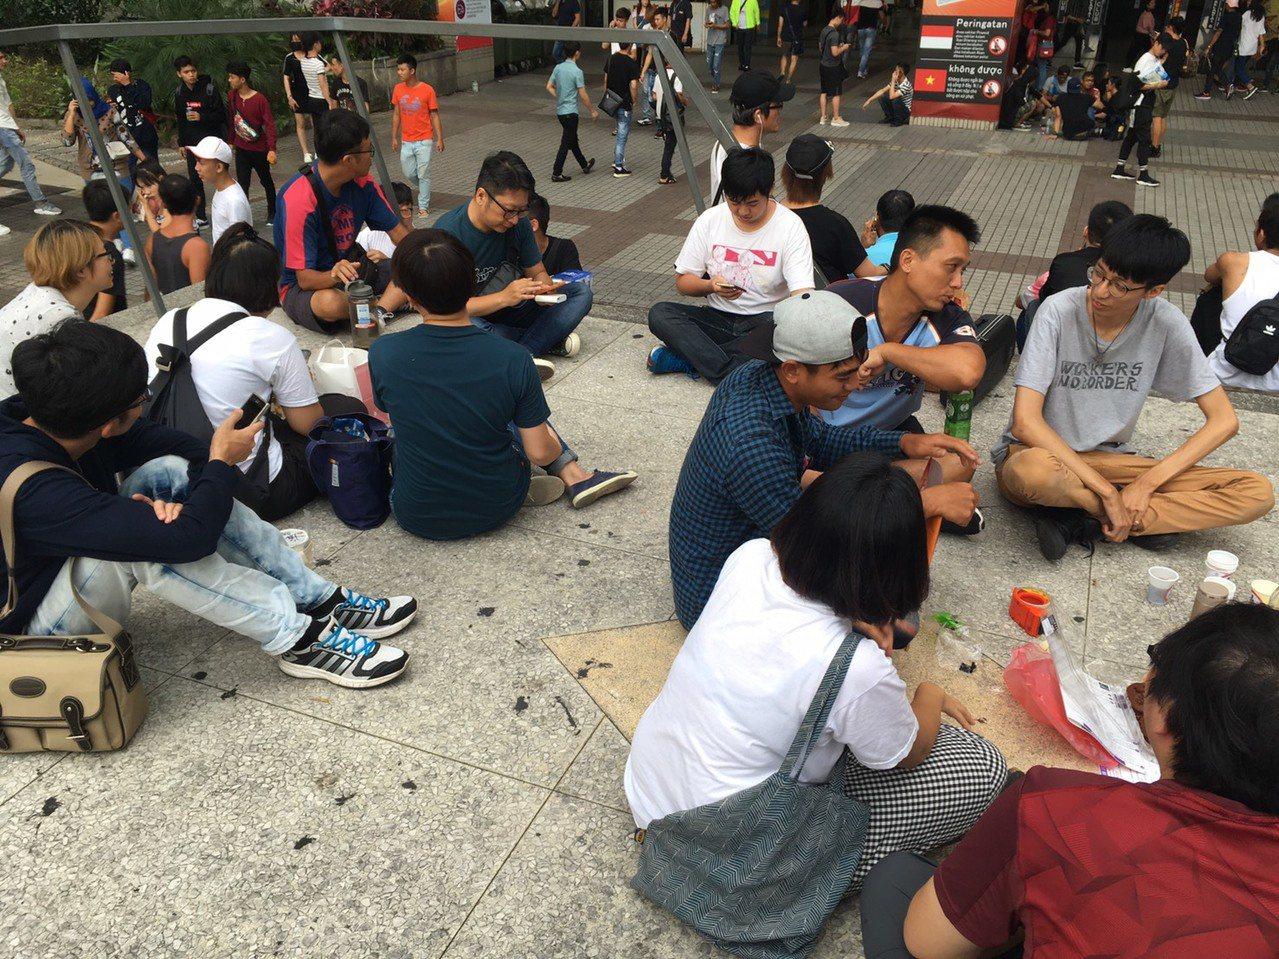 台灣國際勞工協會台中辦公室在東協廣場號召「來去一廣坐一波」聲援移工,爭取傳統席地...